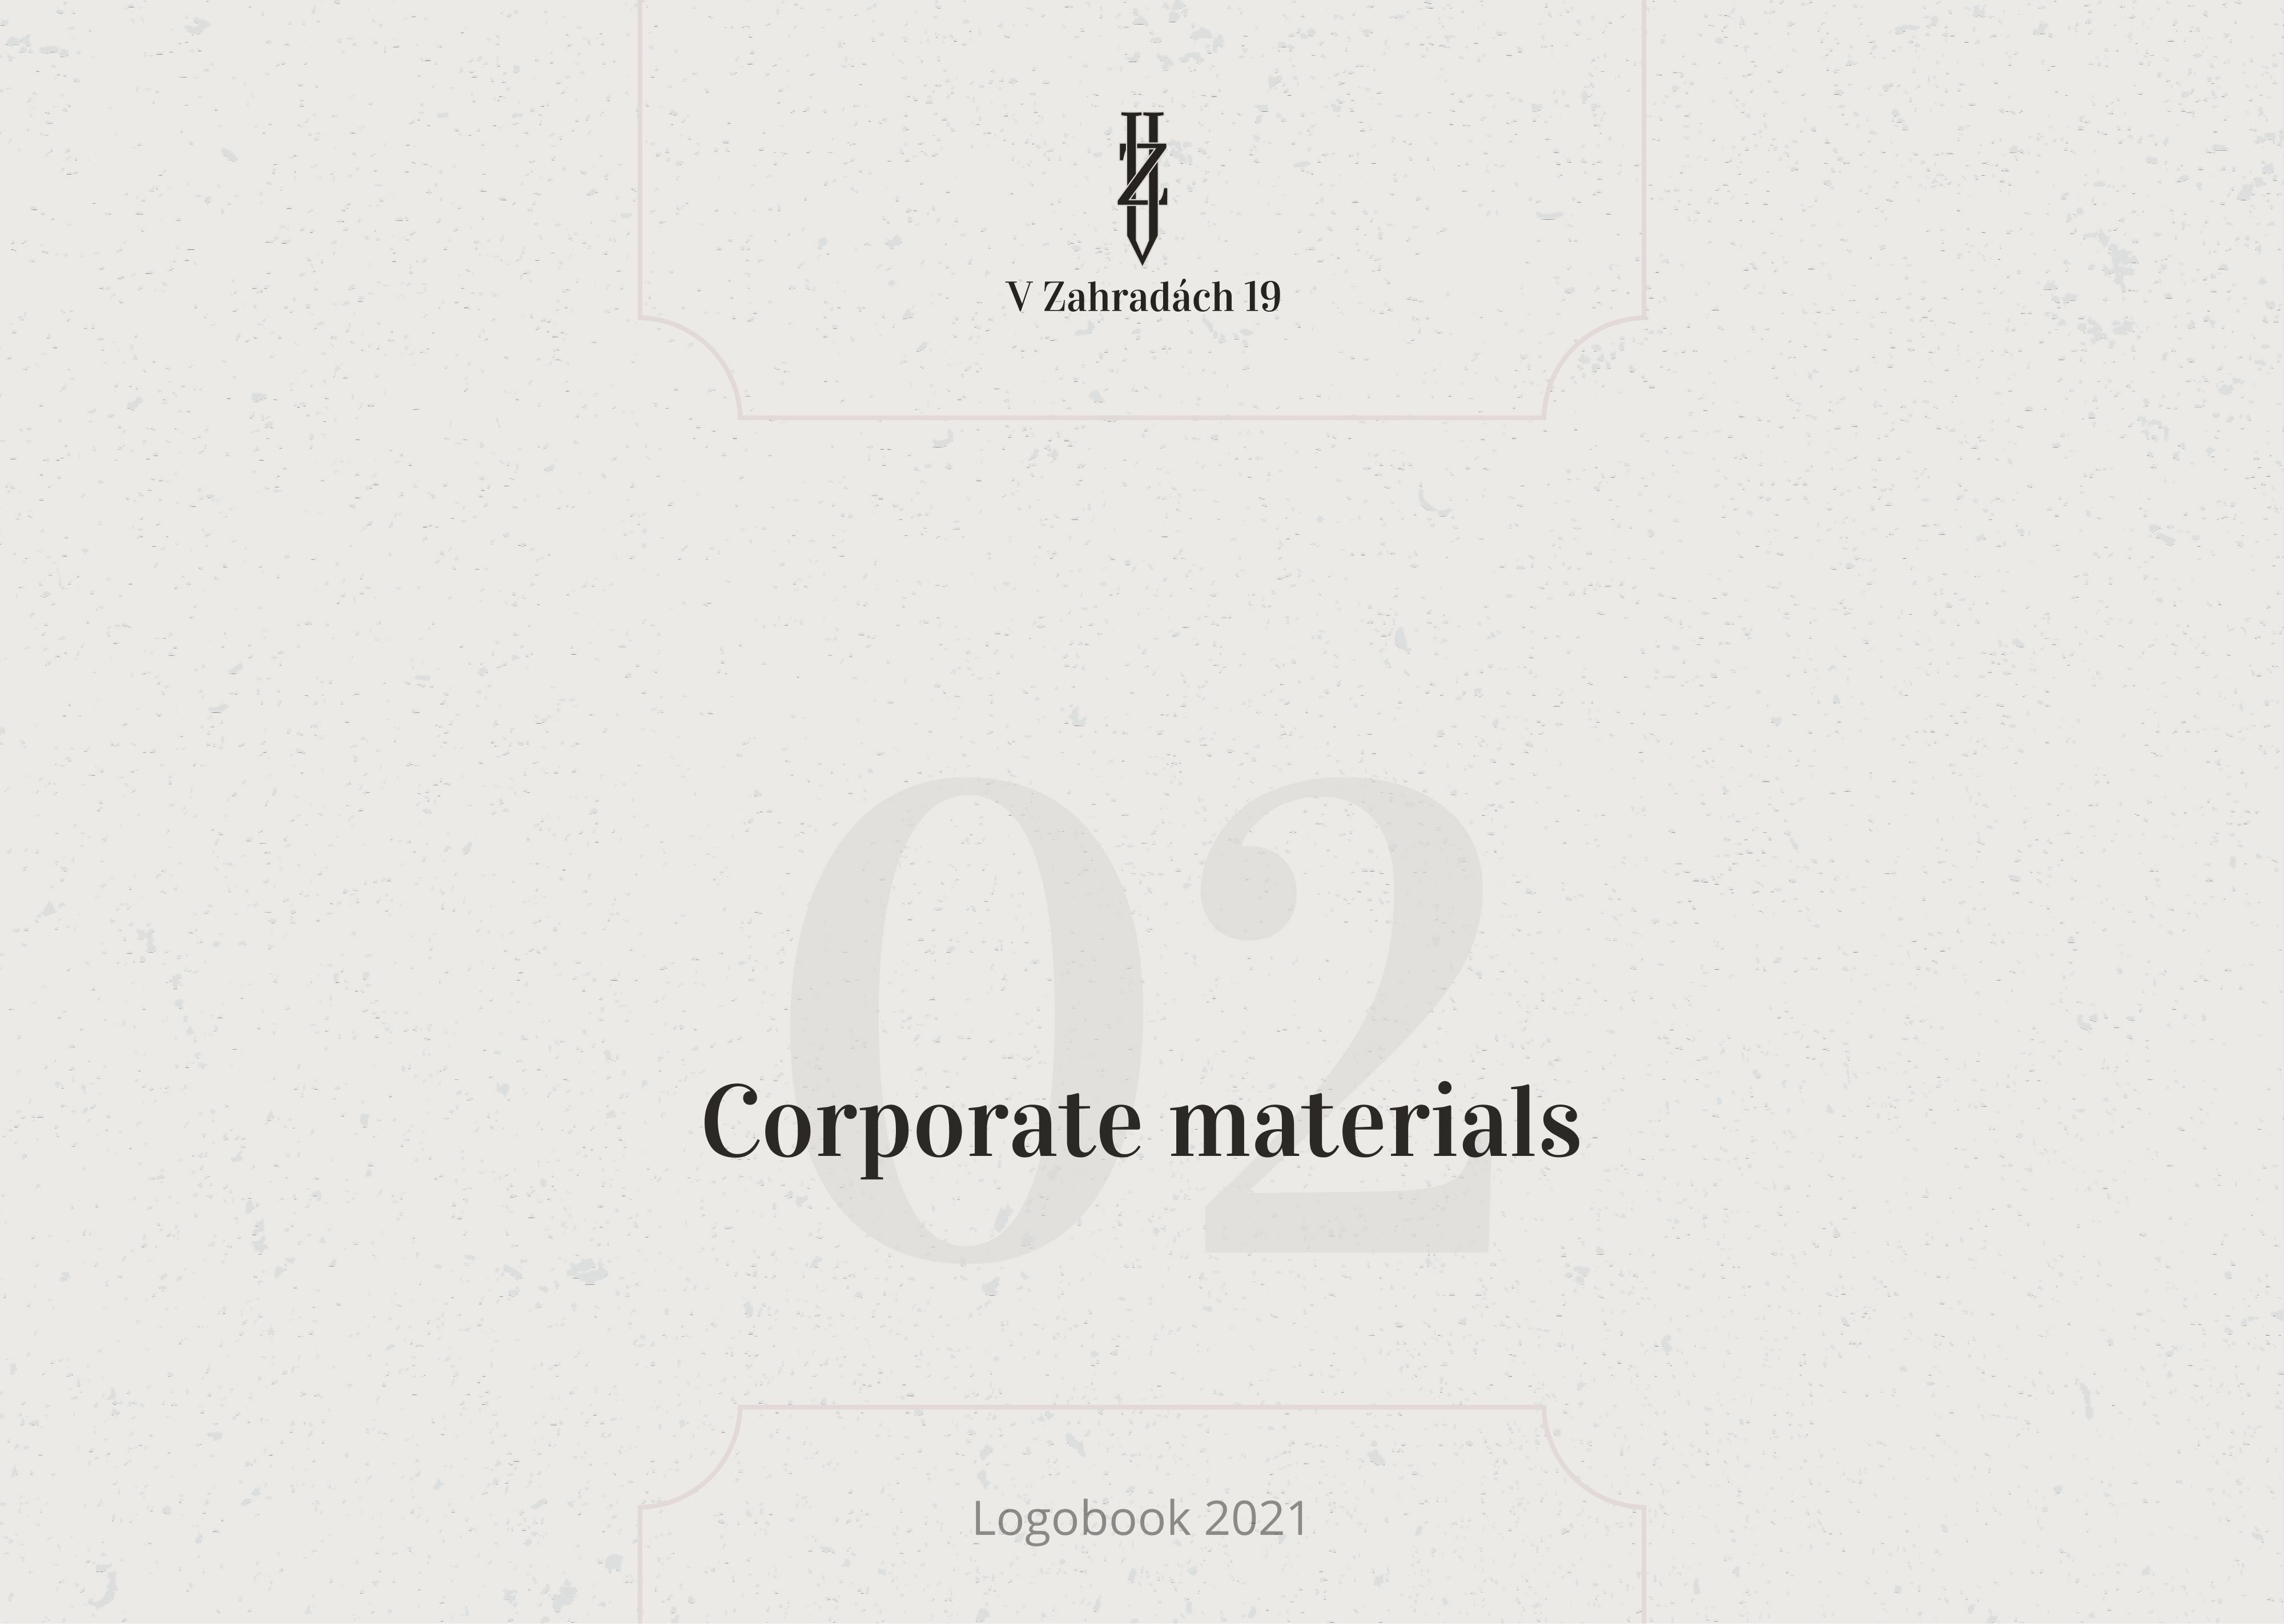 V_Zahradach_19_(Logobook)_2021-13